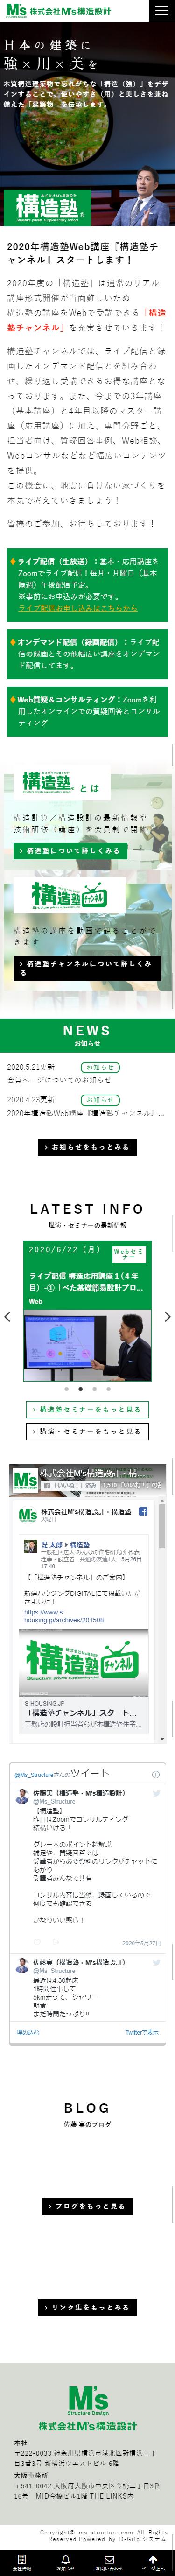 株式会社M's構造設計/エムズ構造設計事務所様